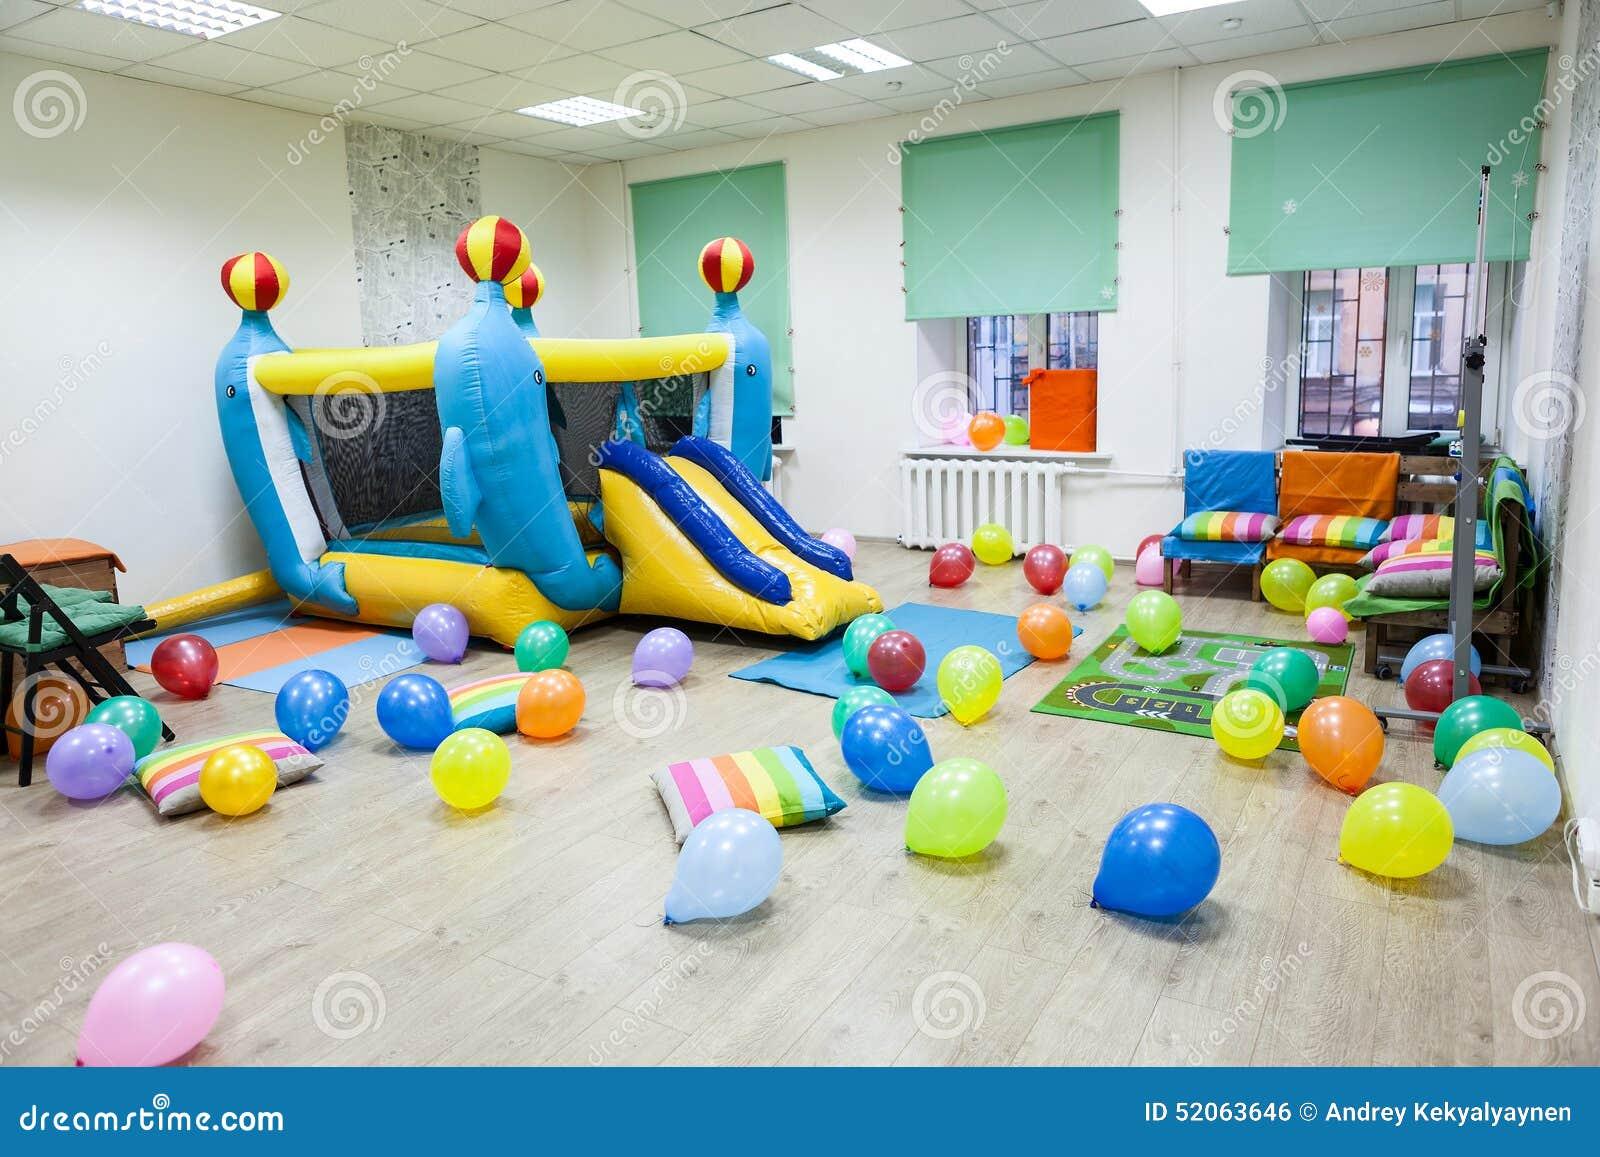 Innenraum des Raumes mit einer aufblasbaren Trampoline für Kinder Geburtstag oder Partei